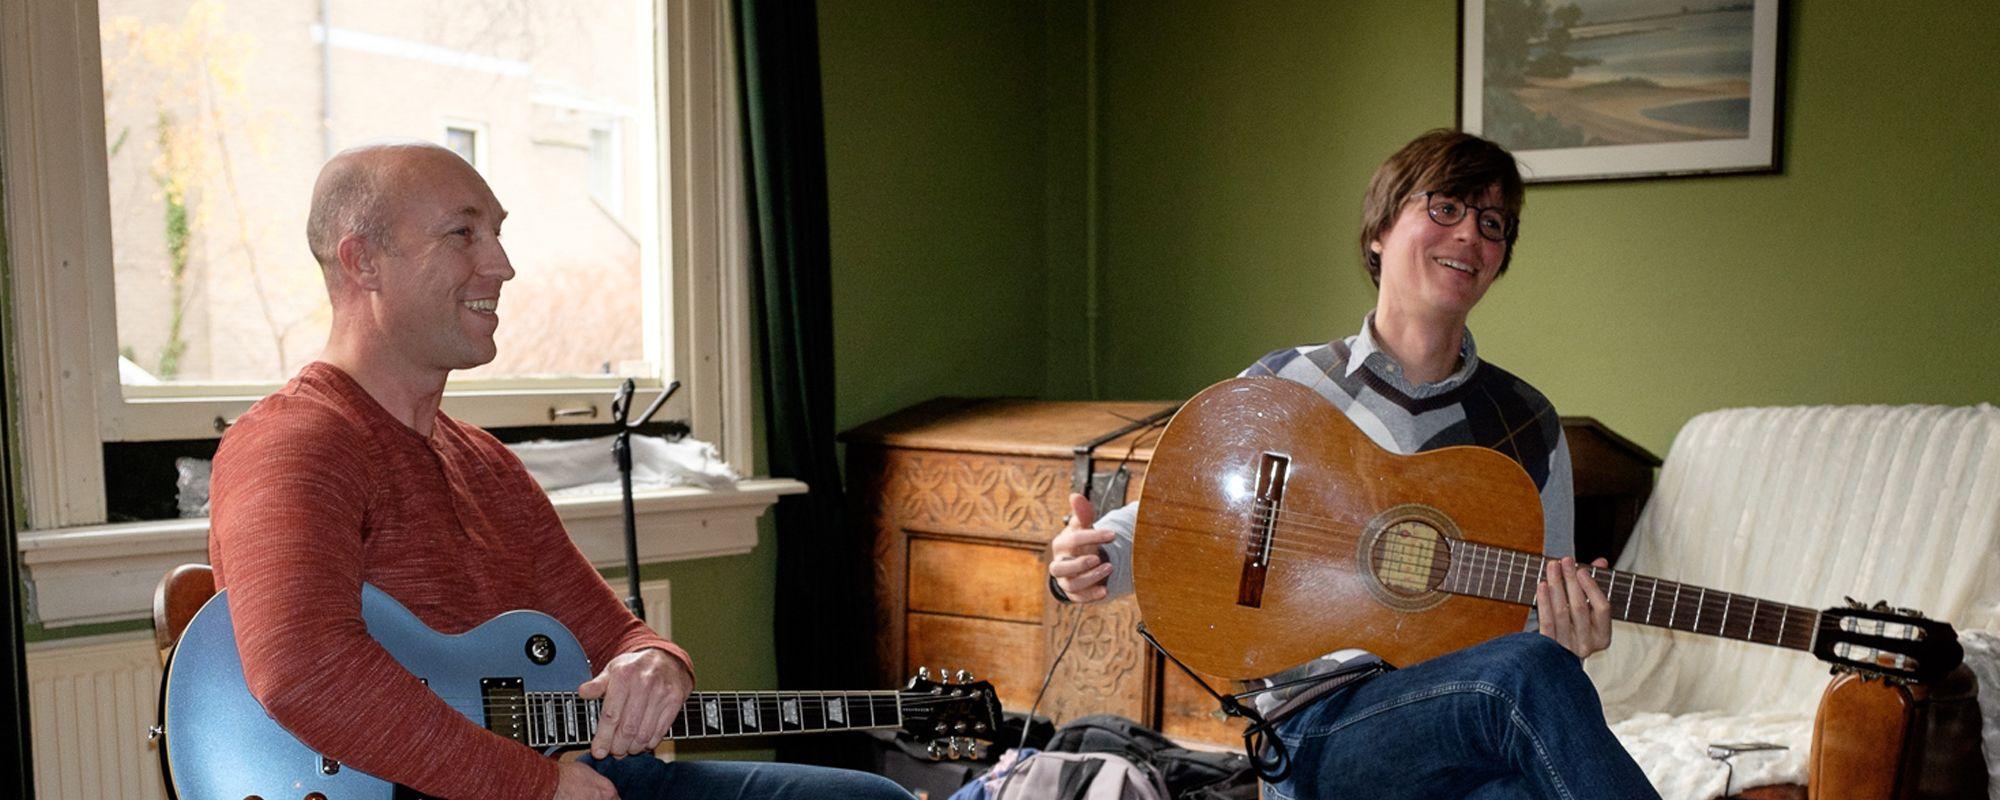 Volwassen leerling en leraar op voorspeelmiddag gitaar